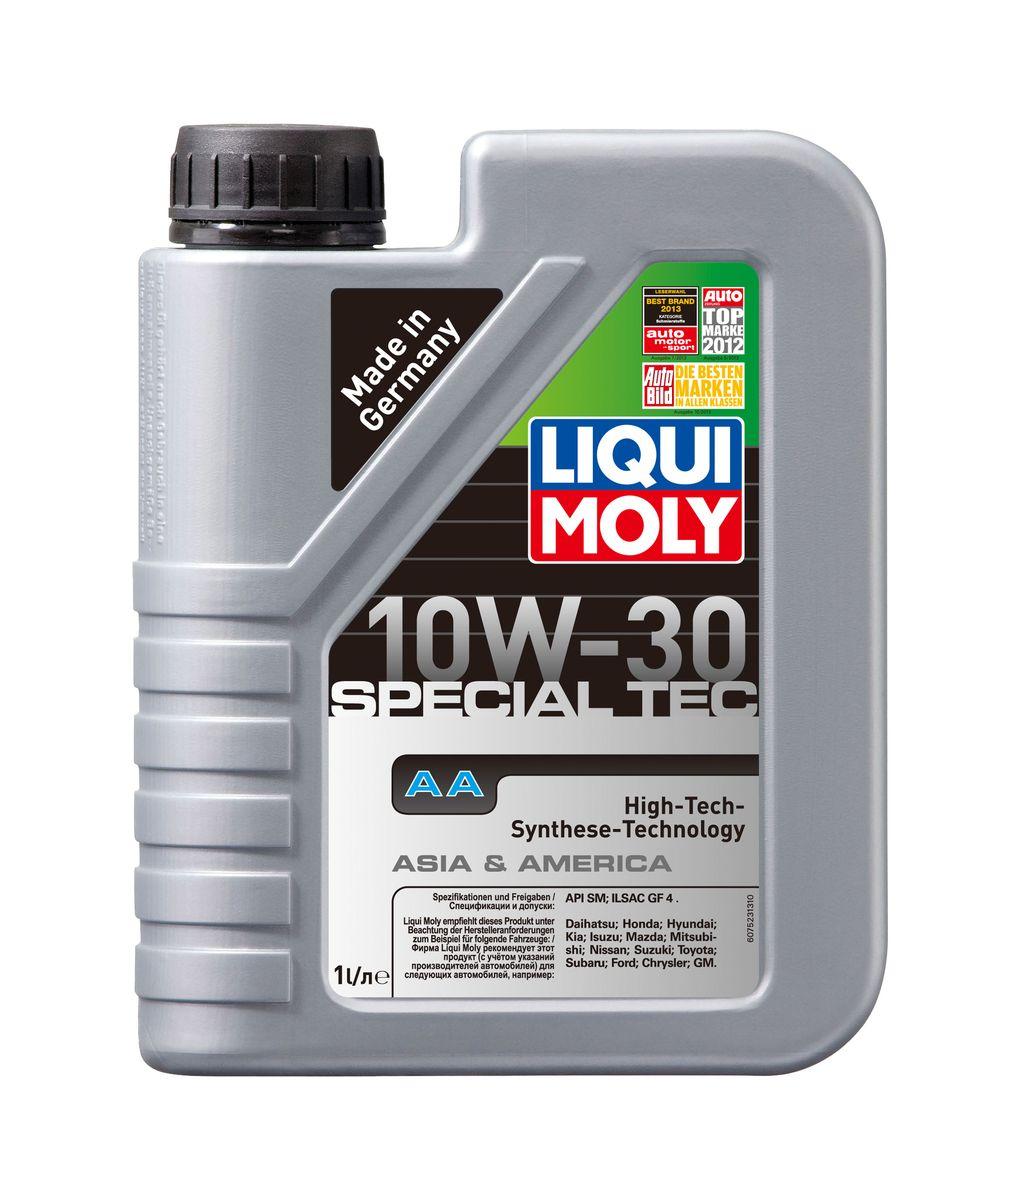 Масло моторное Liqui Moly Special Tec AA, НС-синтетическое, 10W-30, 1 л7523Масло моторное Liqui Moly Special Tec AA рекомендуется для автомобилей Honda, Mazda, Mitsubishi, Nissan, Daihatsu, Hyundai, Kia, Isuzu, Suzuki, Toyota, Subaru, Ford, Chrysler, GM. Современное HC-синтетическое энергосберегающее моторное масло специально предназначено для всесезонного использования в большинстве двигателей современных американских и азиатских бензиновых автомобилей. Также подходит для двигателей предыдущих поколений автомобилей. Базовые масла, полученные по технологии синтеза, и новейшие присадки составляют рецептуру моторного масла с отменной защитой от износа, снижающего расход топлива и масла, обеспечивающего чистоту двигателя. Особенности: - Высочайшие показатели топливной экономии- Сокращает эмиссию выхлопных газов- Отличная чистота двигателя- Совместимо с новейшими системами нейтрализации отработавших газов бензиновых двигателей- Высокая защита от износа и надежность смазывания- Очень низкие потери масла на испарениеМоторное масло Special Tec АА 10W-30 соответствует специальным требованиям азиатских и американских производителей, поэтому его использование позволяет сохранить все гарантийные условия при прохождении ТО соответствующих автомобилей. Допуск: -API: SM-ILSAC: GF-4